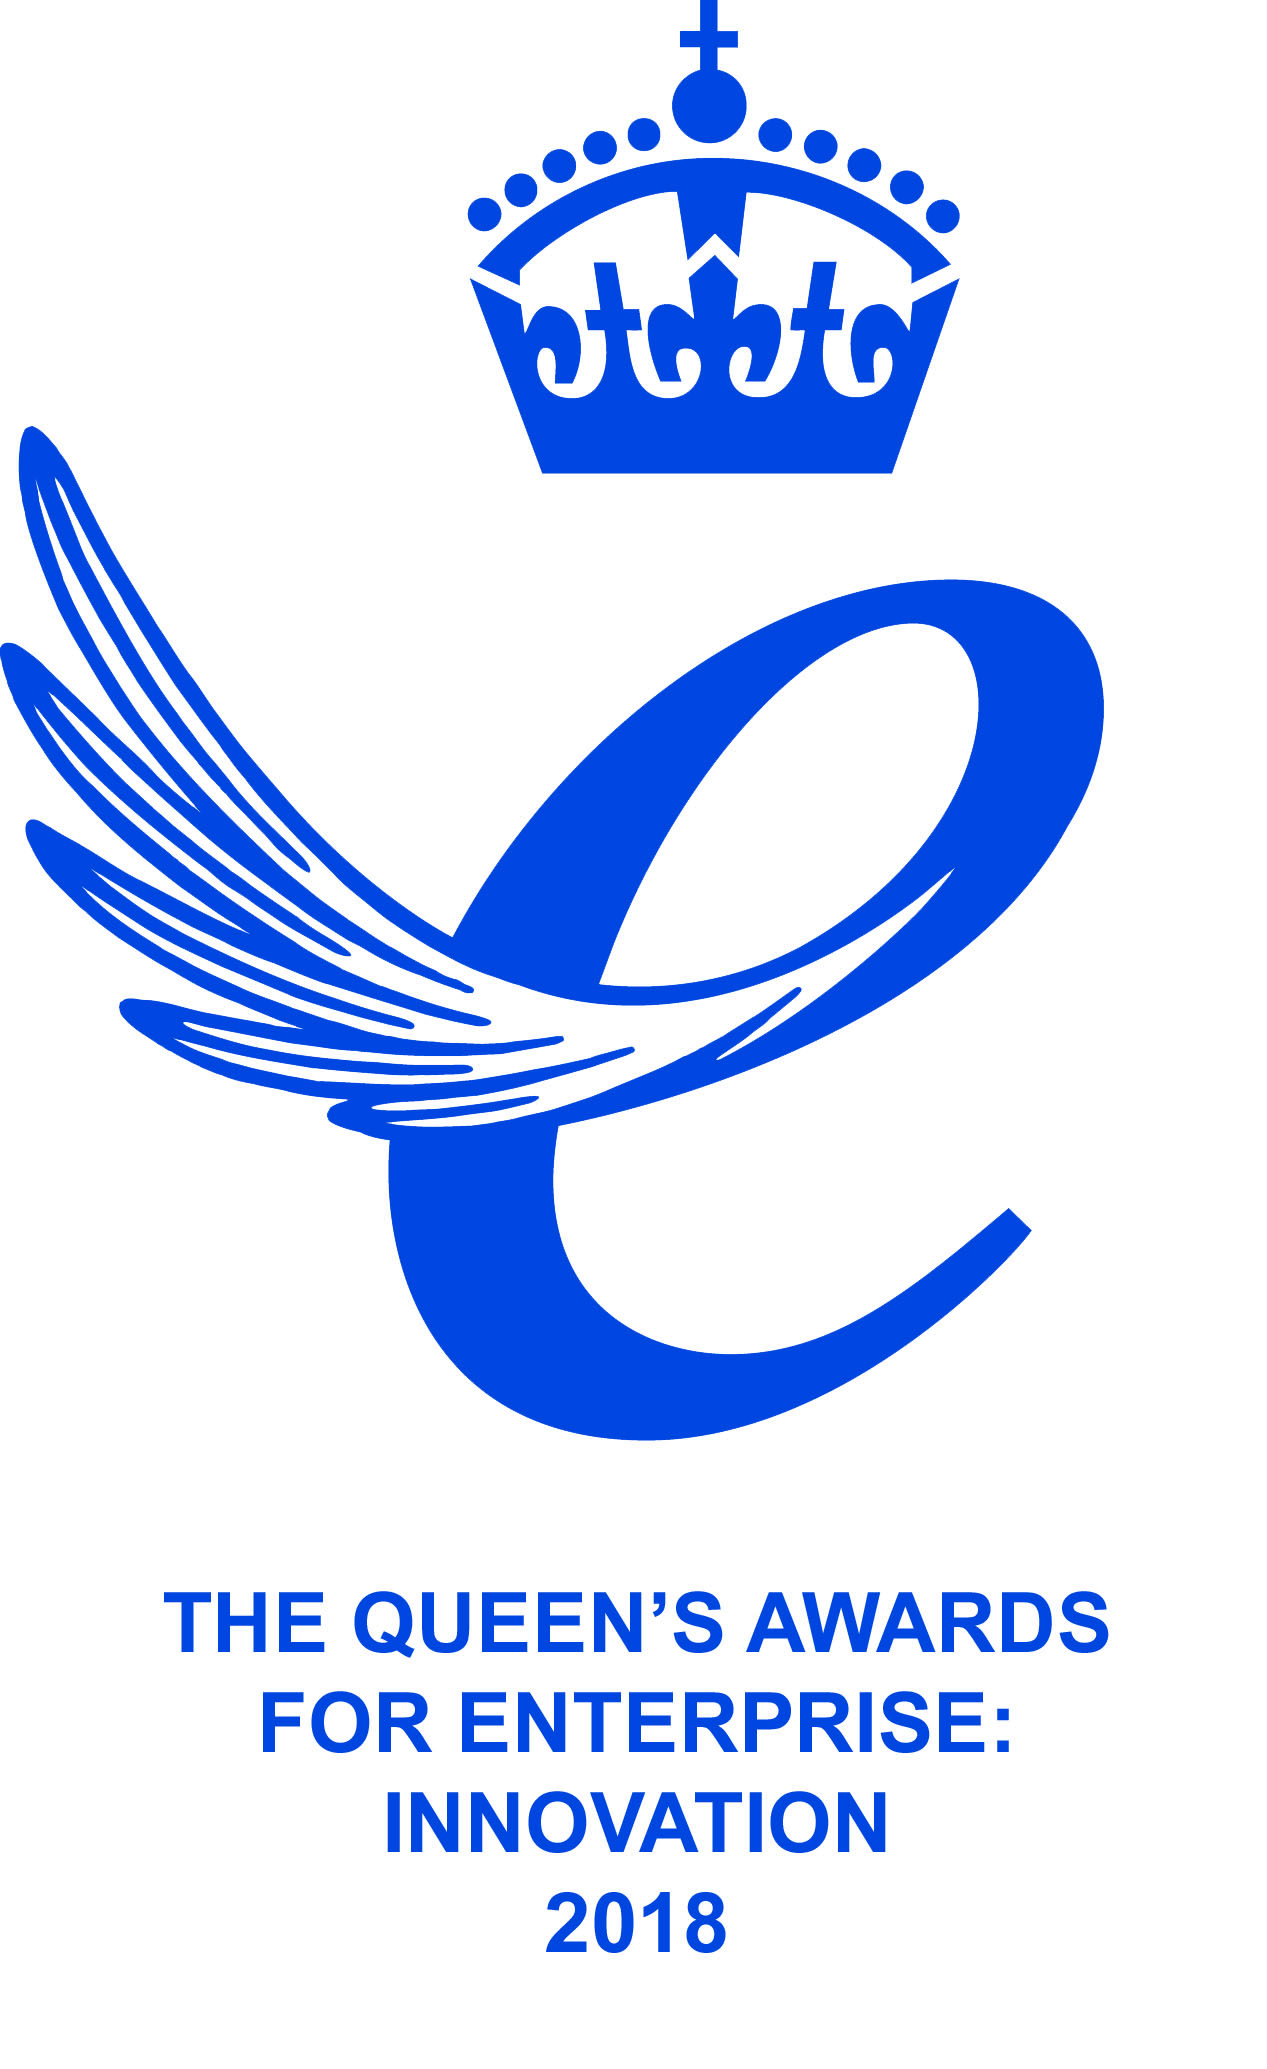 Queen's Award Innovation 2018 emblem.jpg